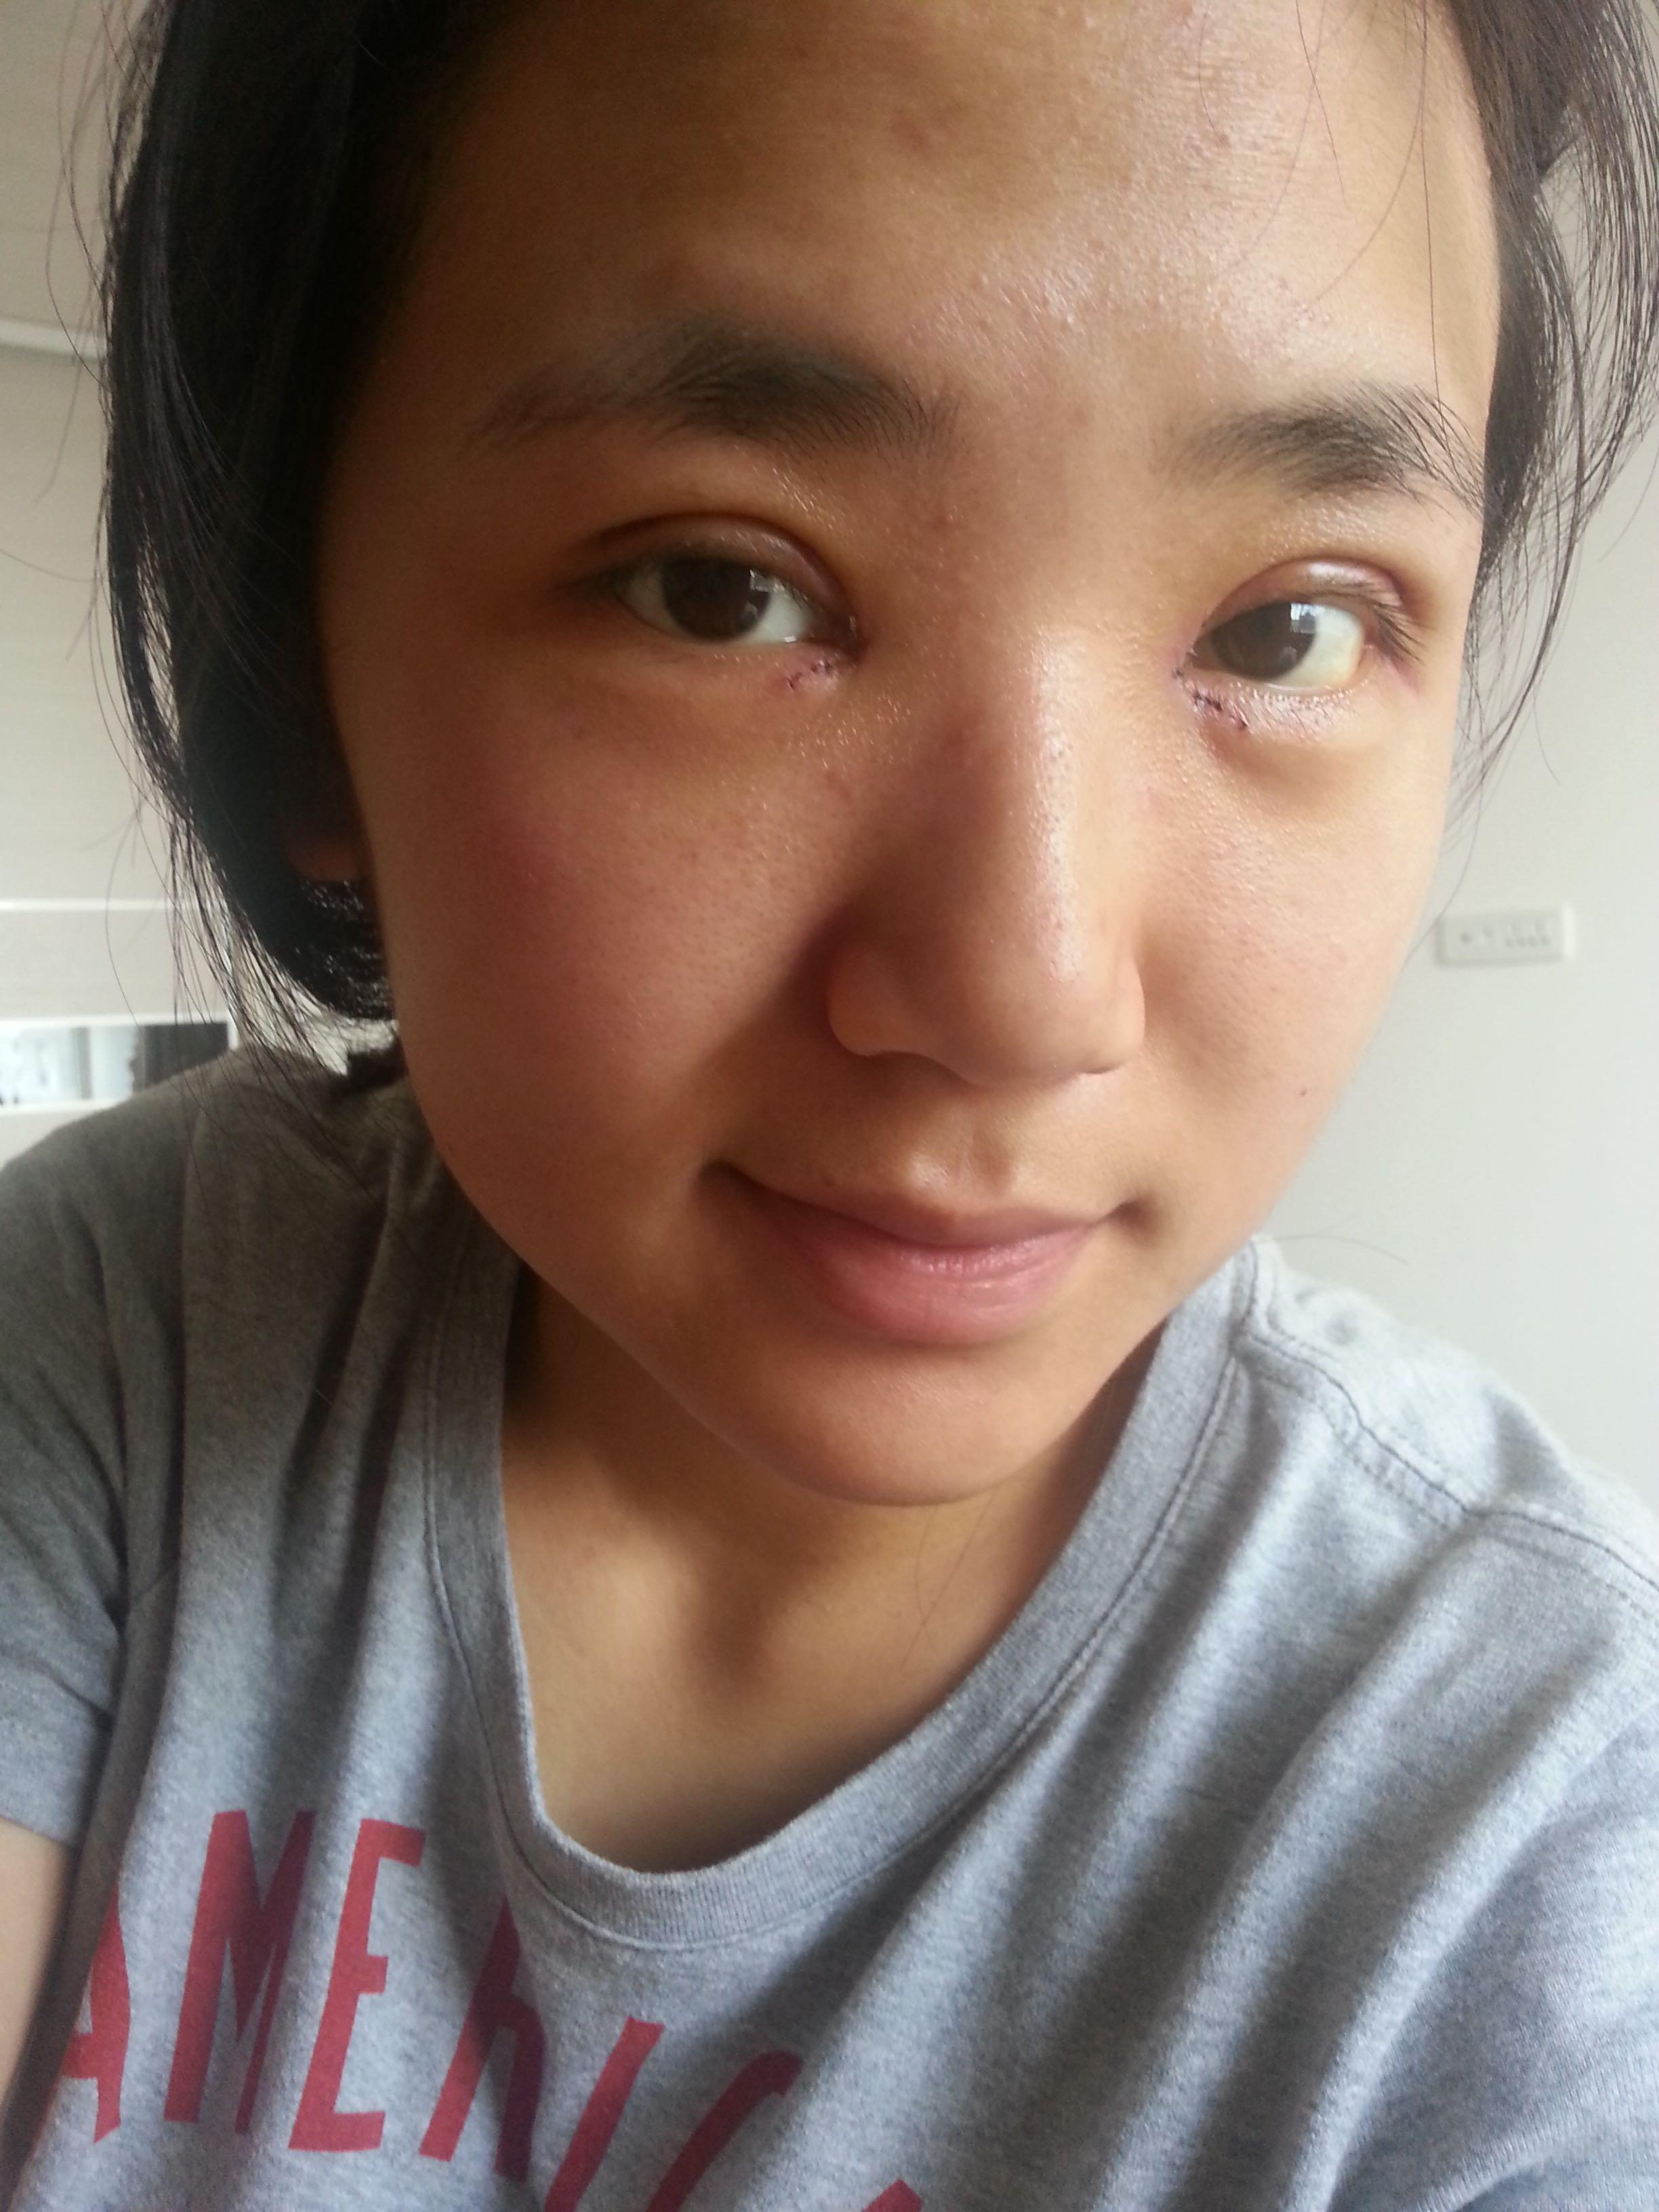 刚刚割完双眼皮之后的样子_割双眼皮后对面部整体会有很大变化么? - 知乎